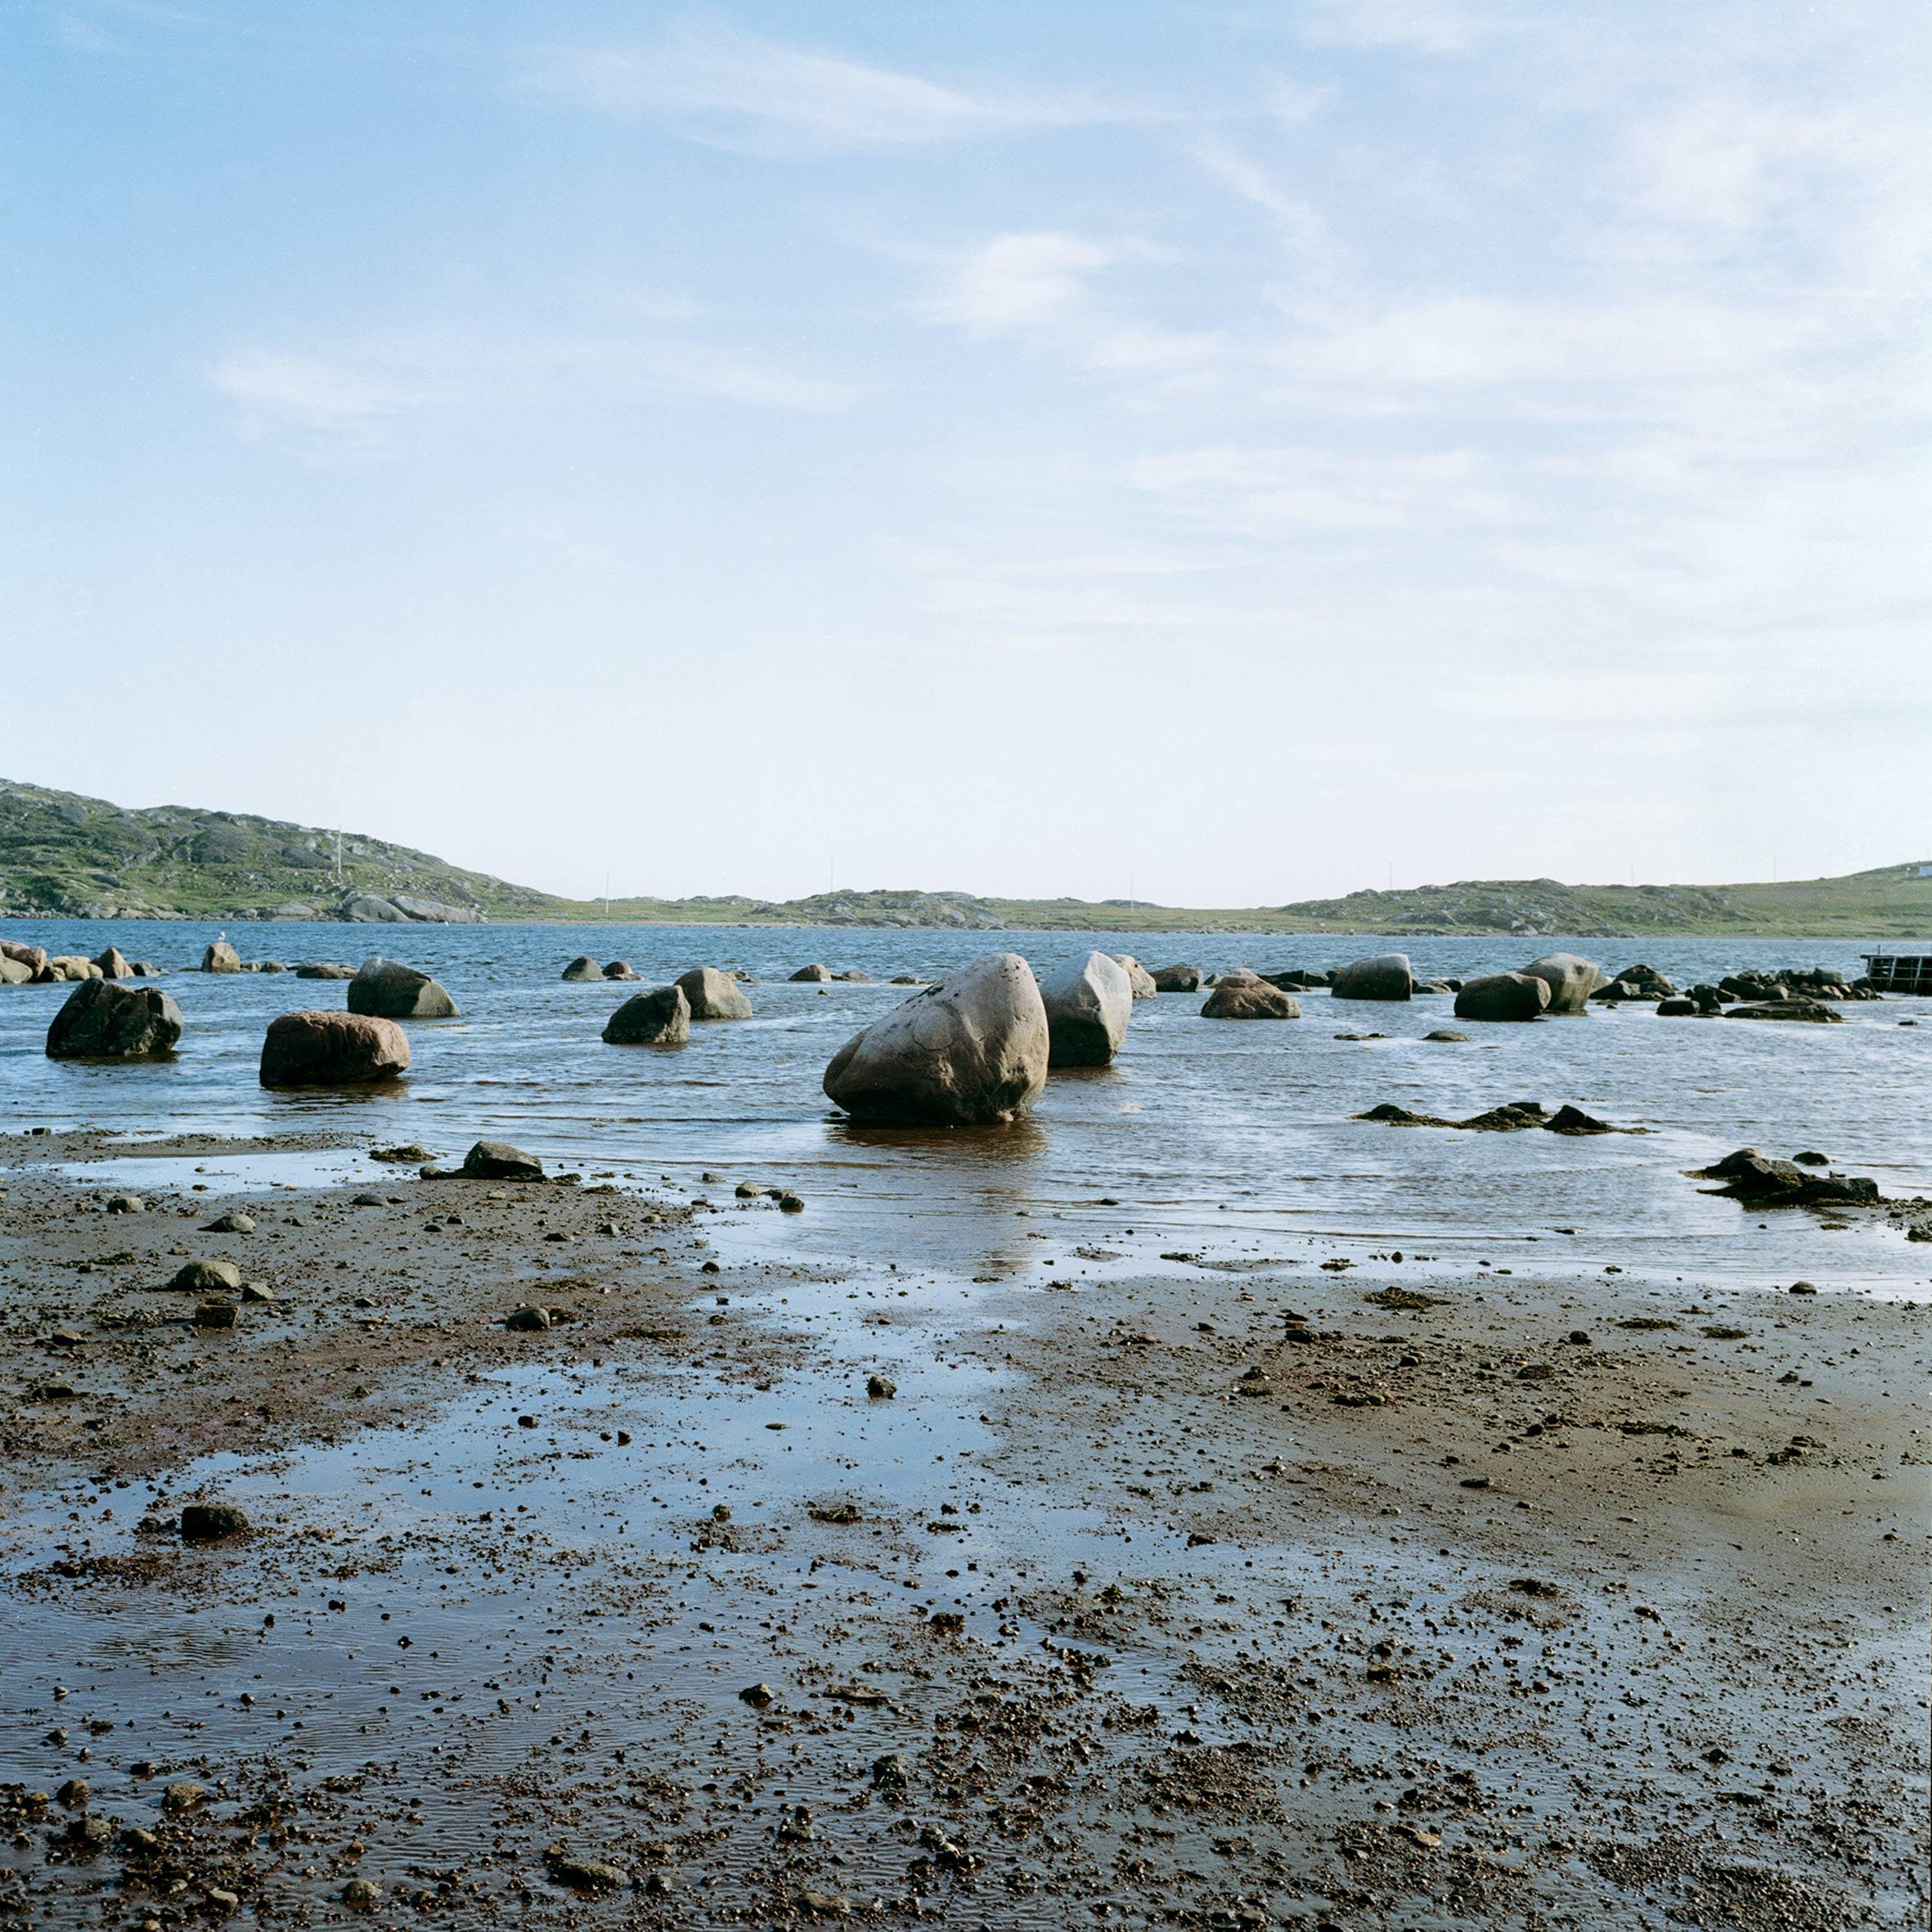 marcher créer, périple autobiographique, territoire du Labrador au Québec, paysage, paysage désertique, mer, fleuve, pierre, marée basse, cailloux, ciel